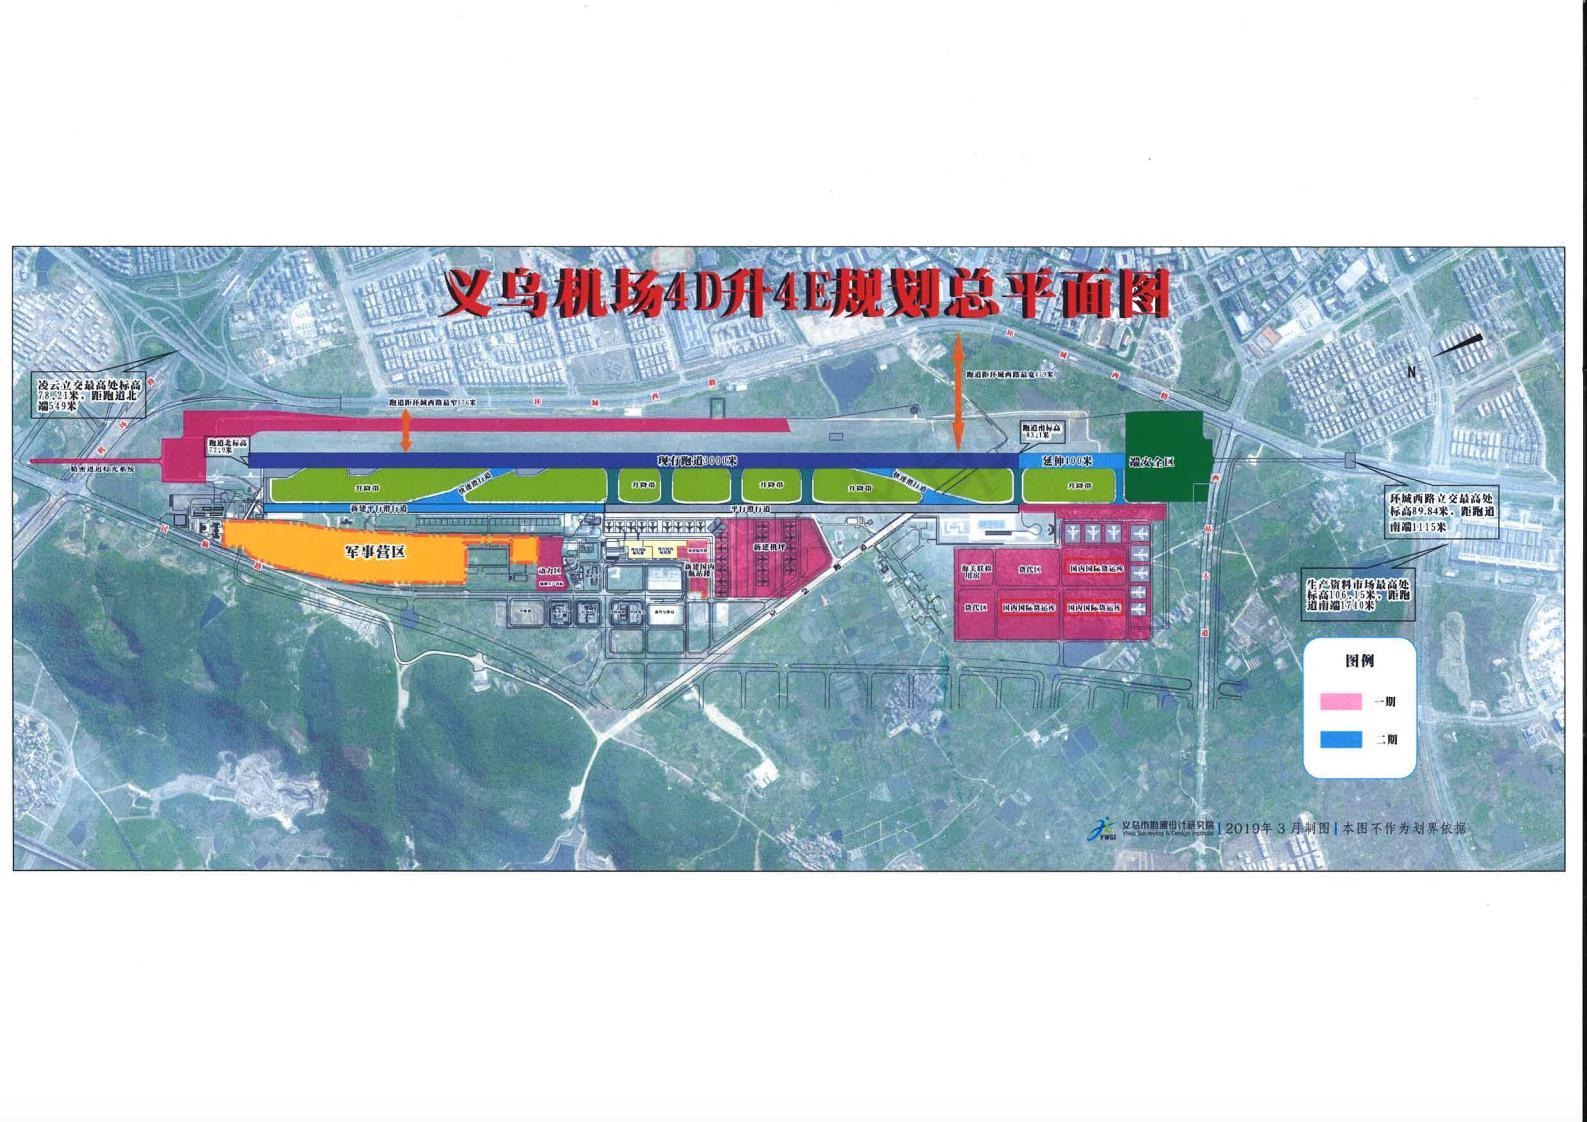 义航[2019]15号-代拟稿附件:义乌机场改扩建总平面图_00.jpg